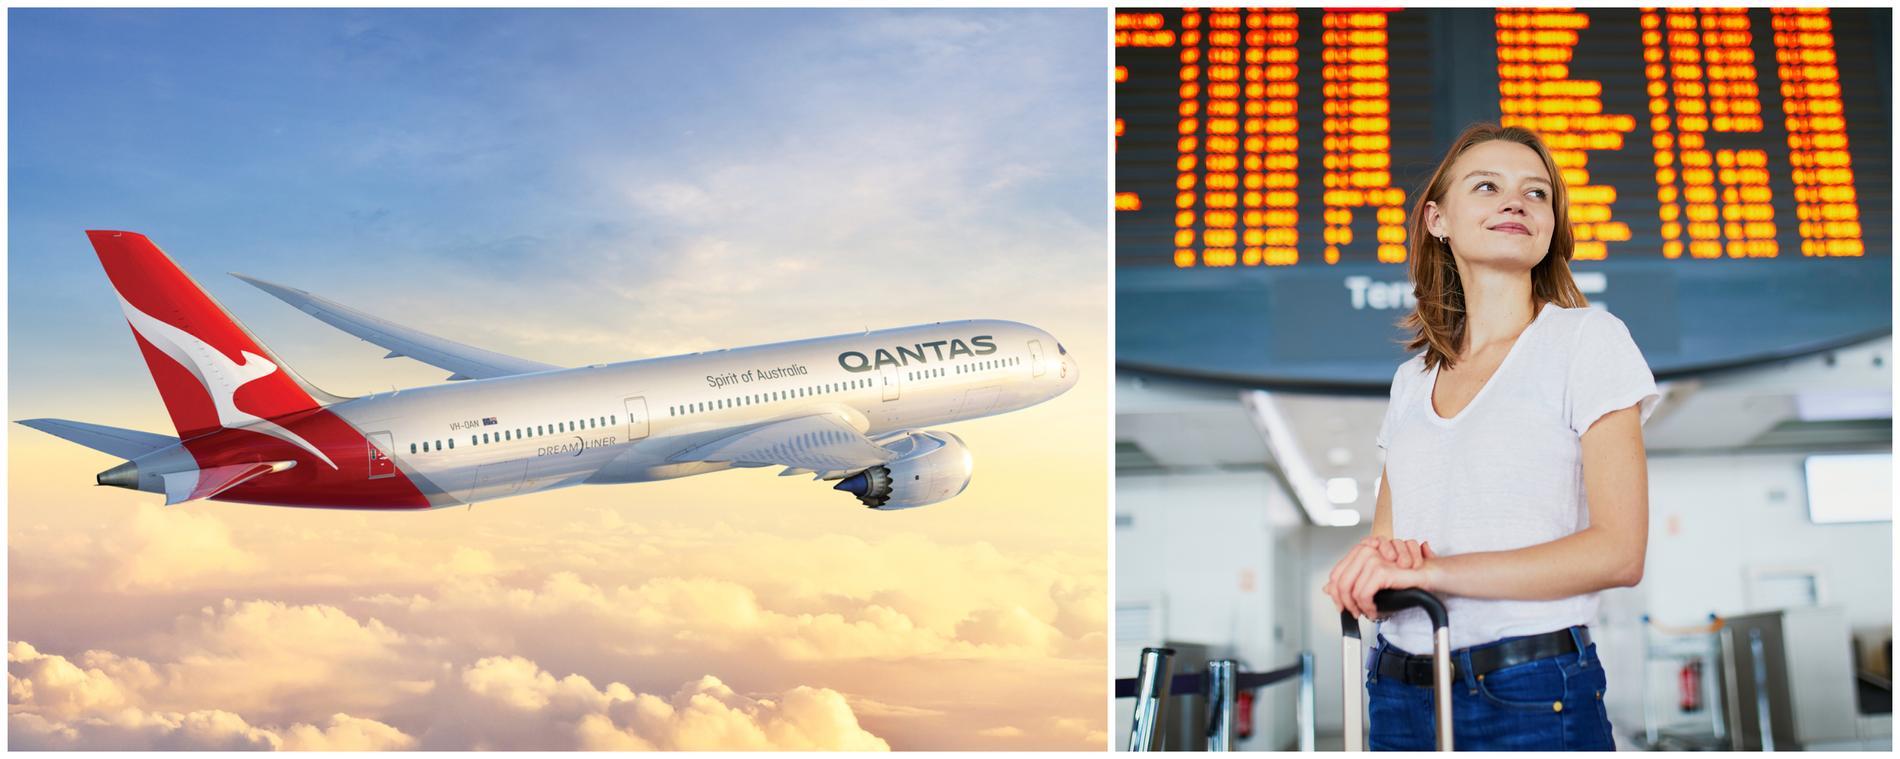 Qantas världens säkraste flygbolag.